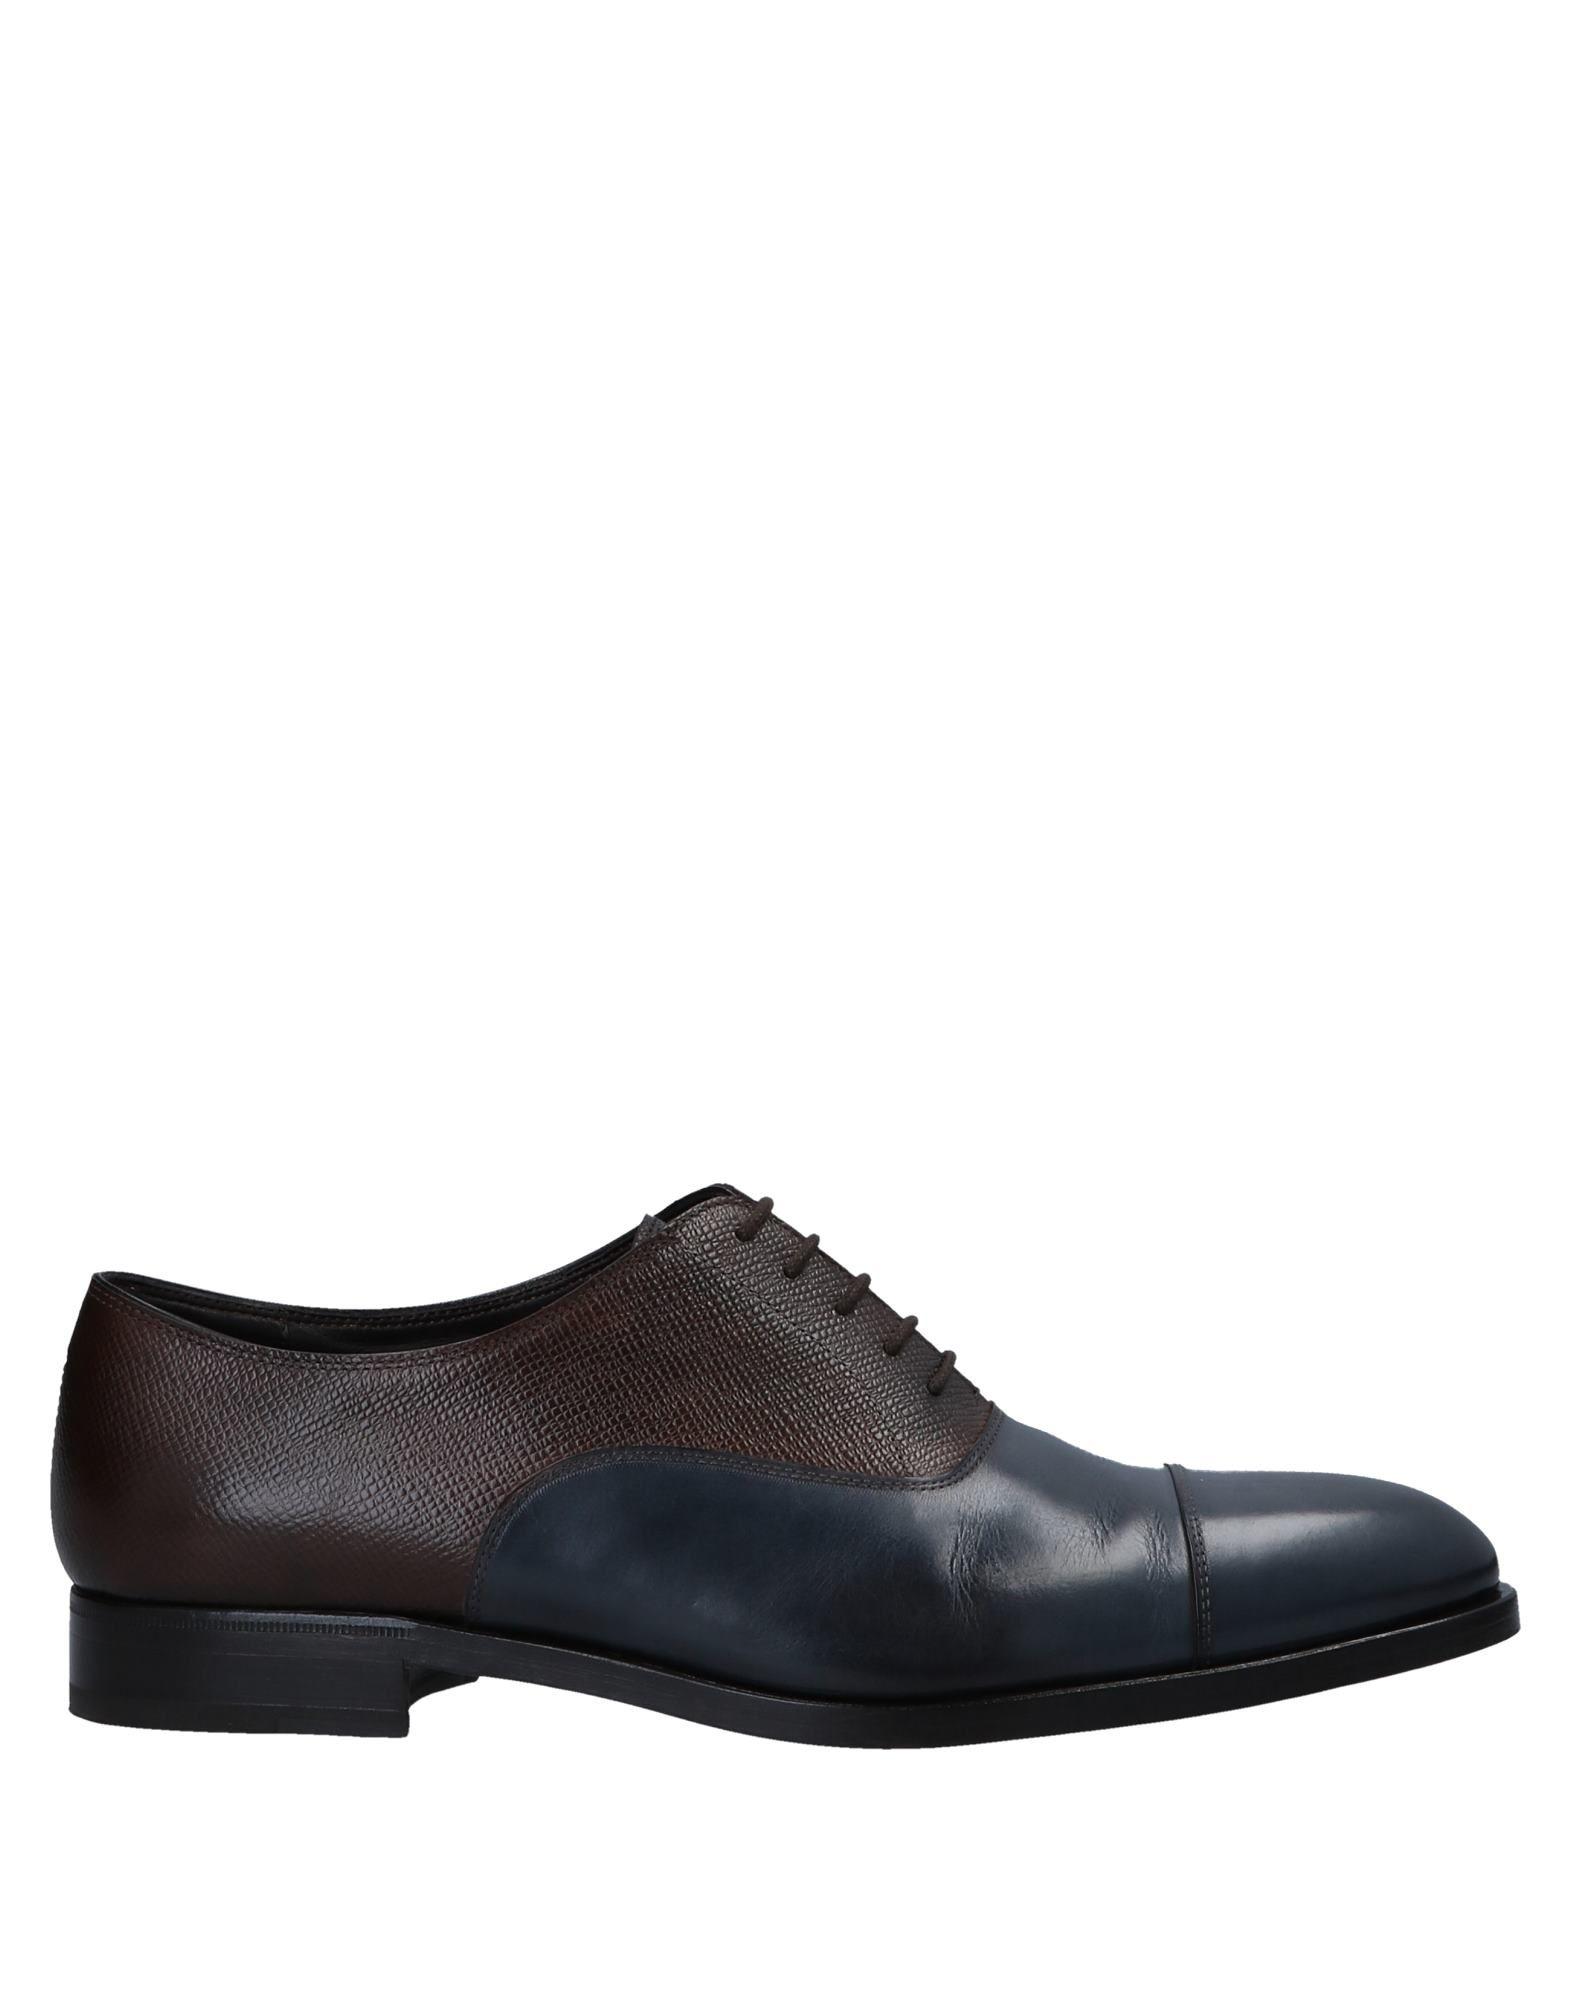 Fratelli 11556466QG Rossetti Schnürschuhe Herren  11556466QG Fratelli Gute Qualität beliebte Schuhe 9e2f18